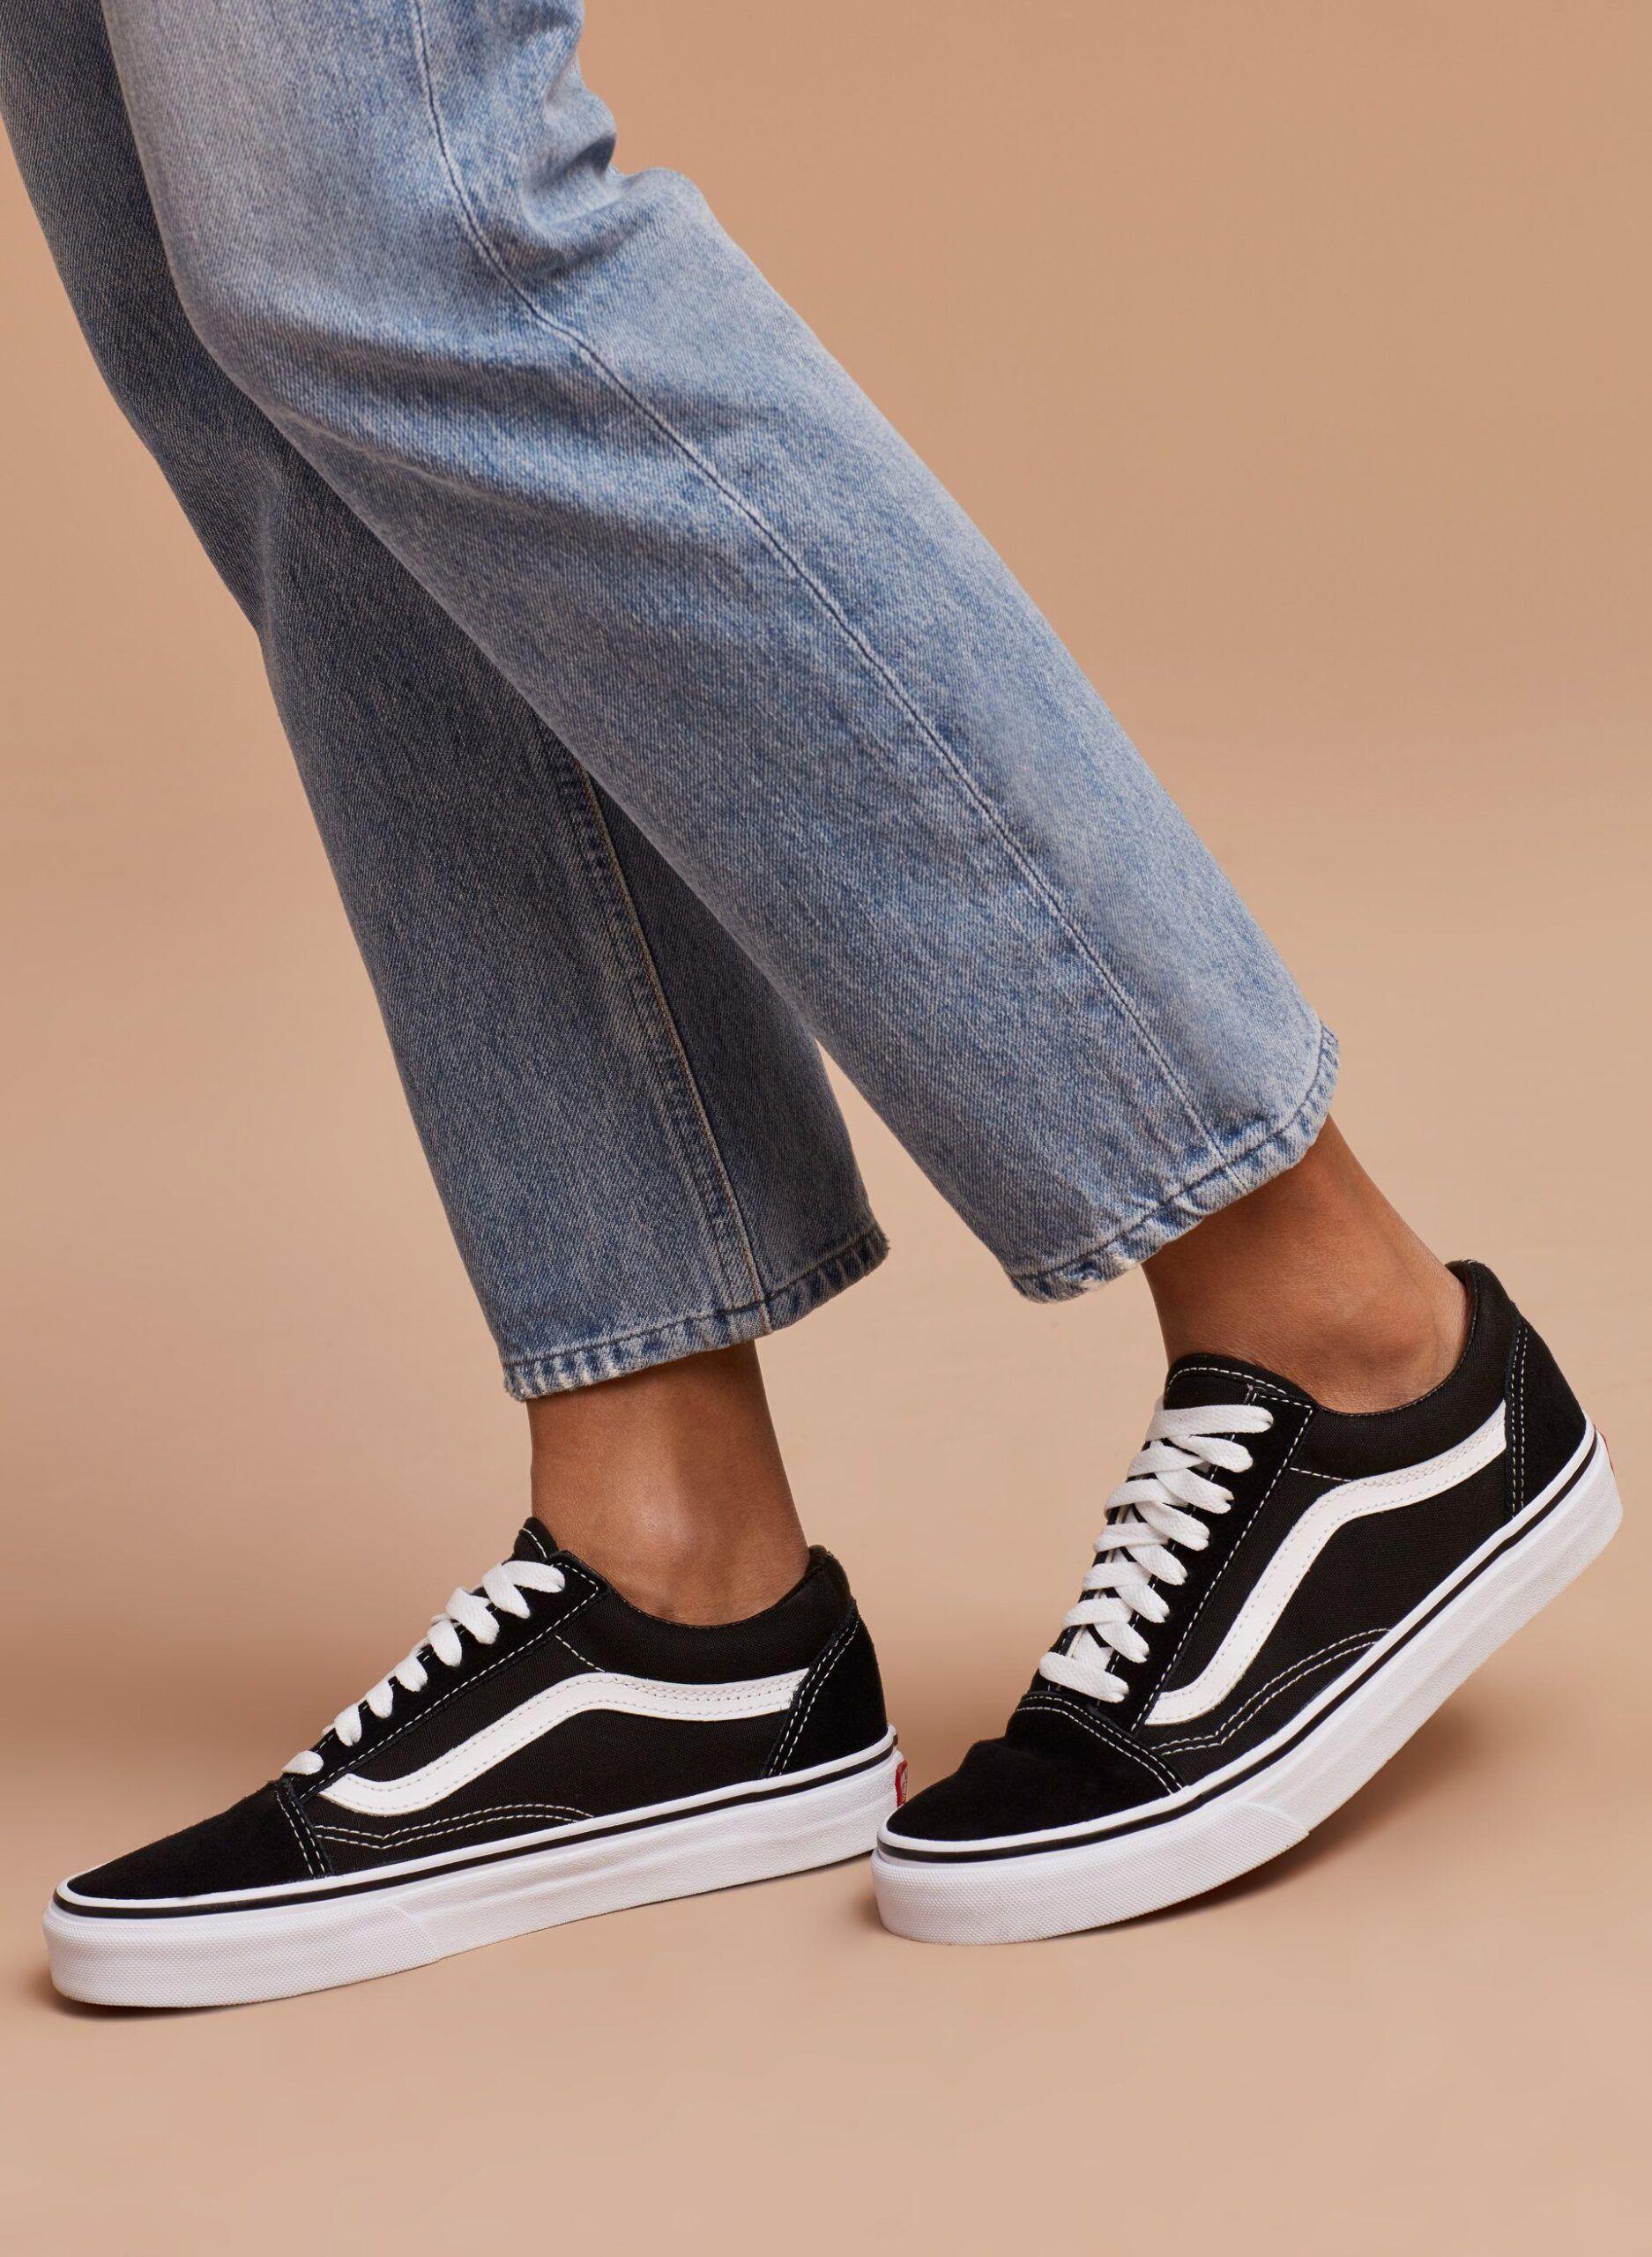 Vans Old Skool - Zoe Market in 2021   Vans shoes, Vans old skool ...